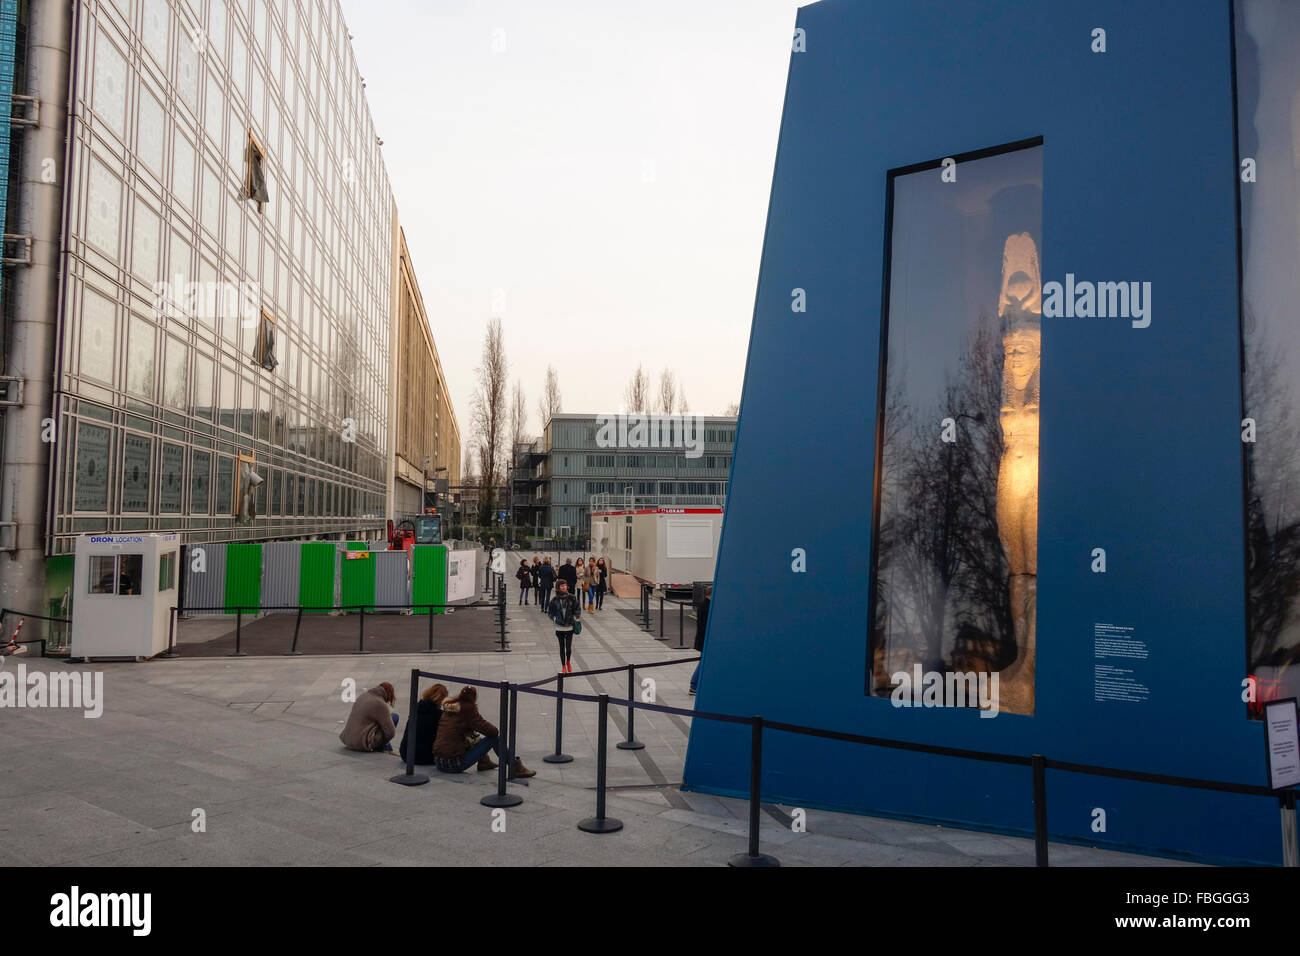 Facade of the Arab World Institute, Institut du Monde Arabe, in Paris, France. - Stock Image